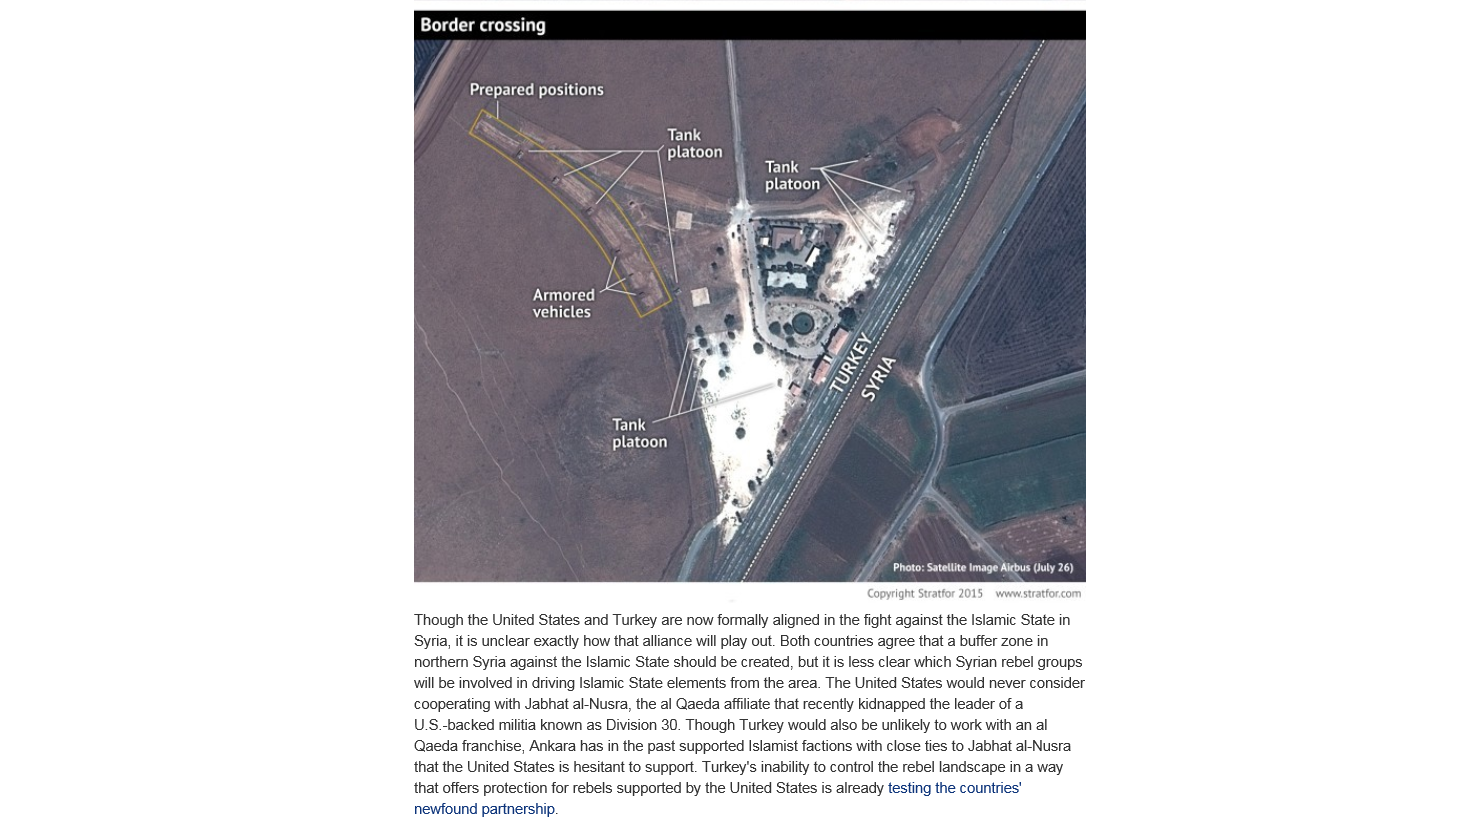 Les Etats-Unis lancent leurs premières frappes aériennes par drones contre Daesh depuis la Turquie